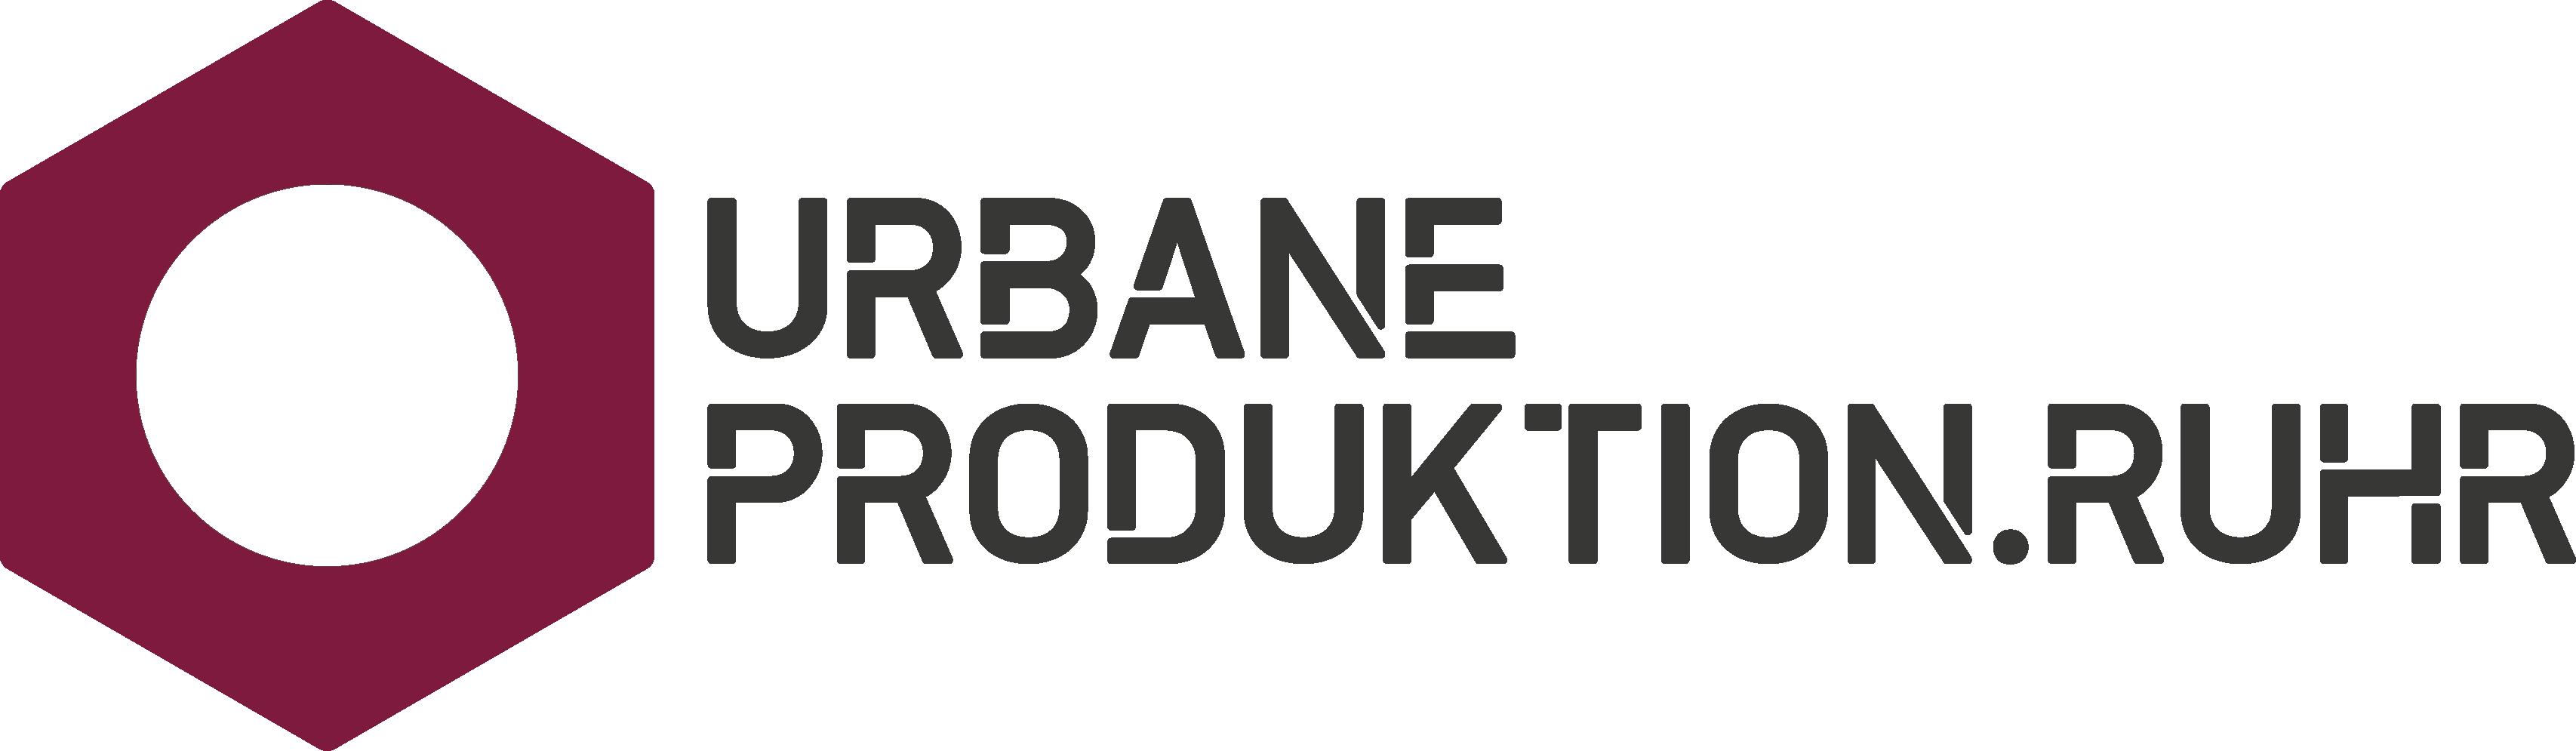 UrbaneProduktion.ruhr